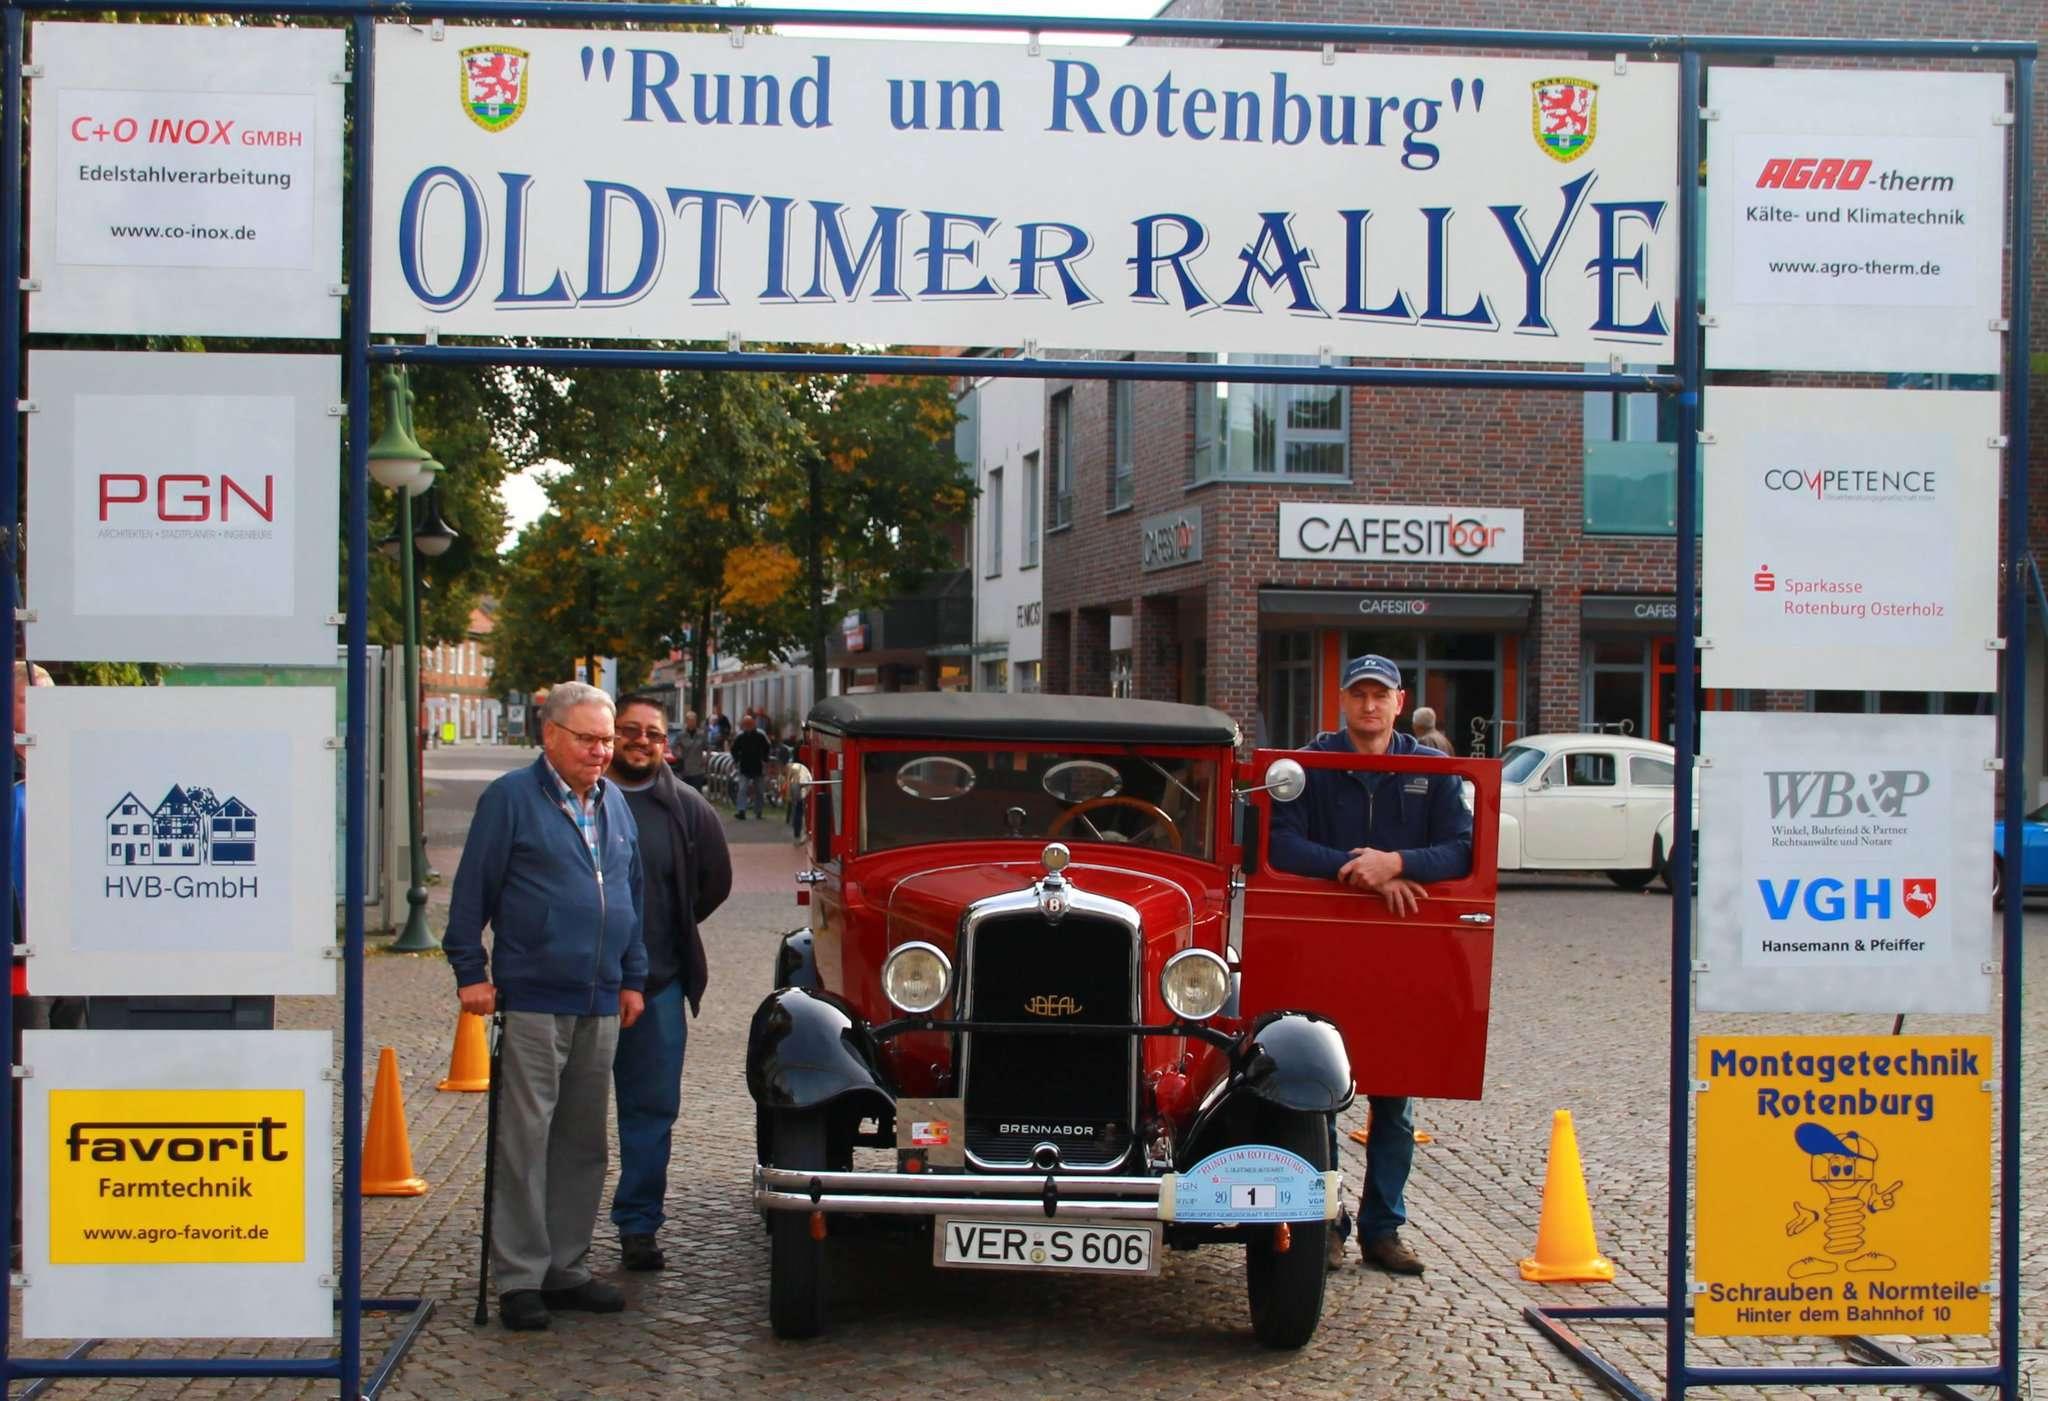 Der Brennabor Ideal aus dem Jahr 1928 war das älteste Fahrzeug bei der Oldtimer-Rallye.